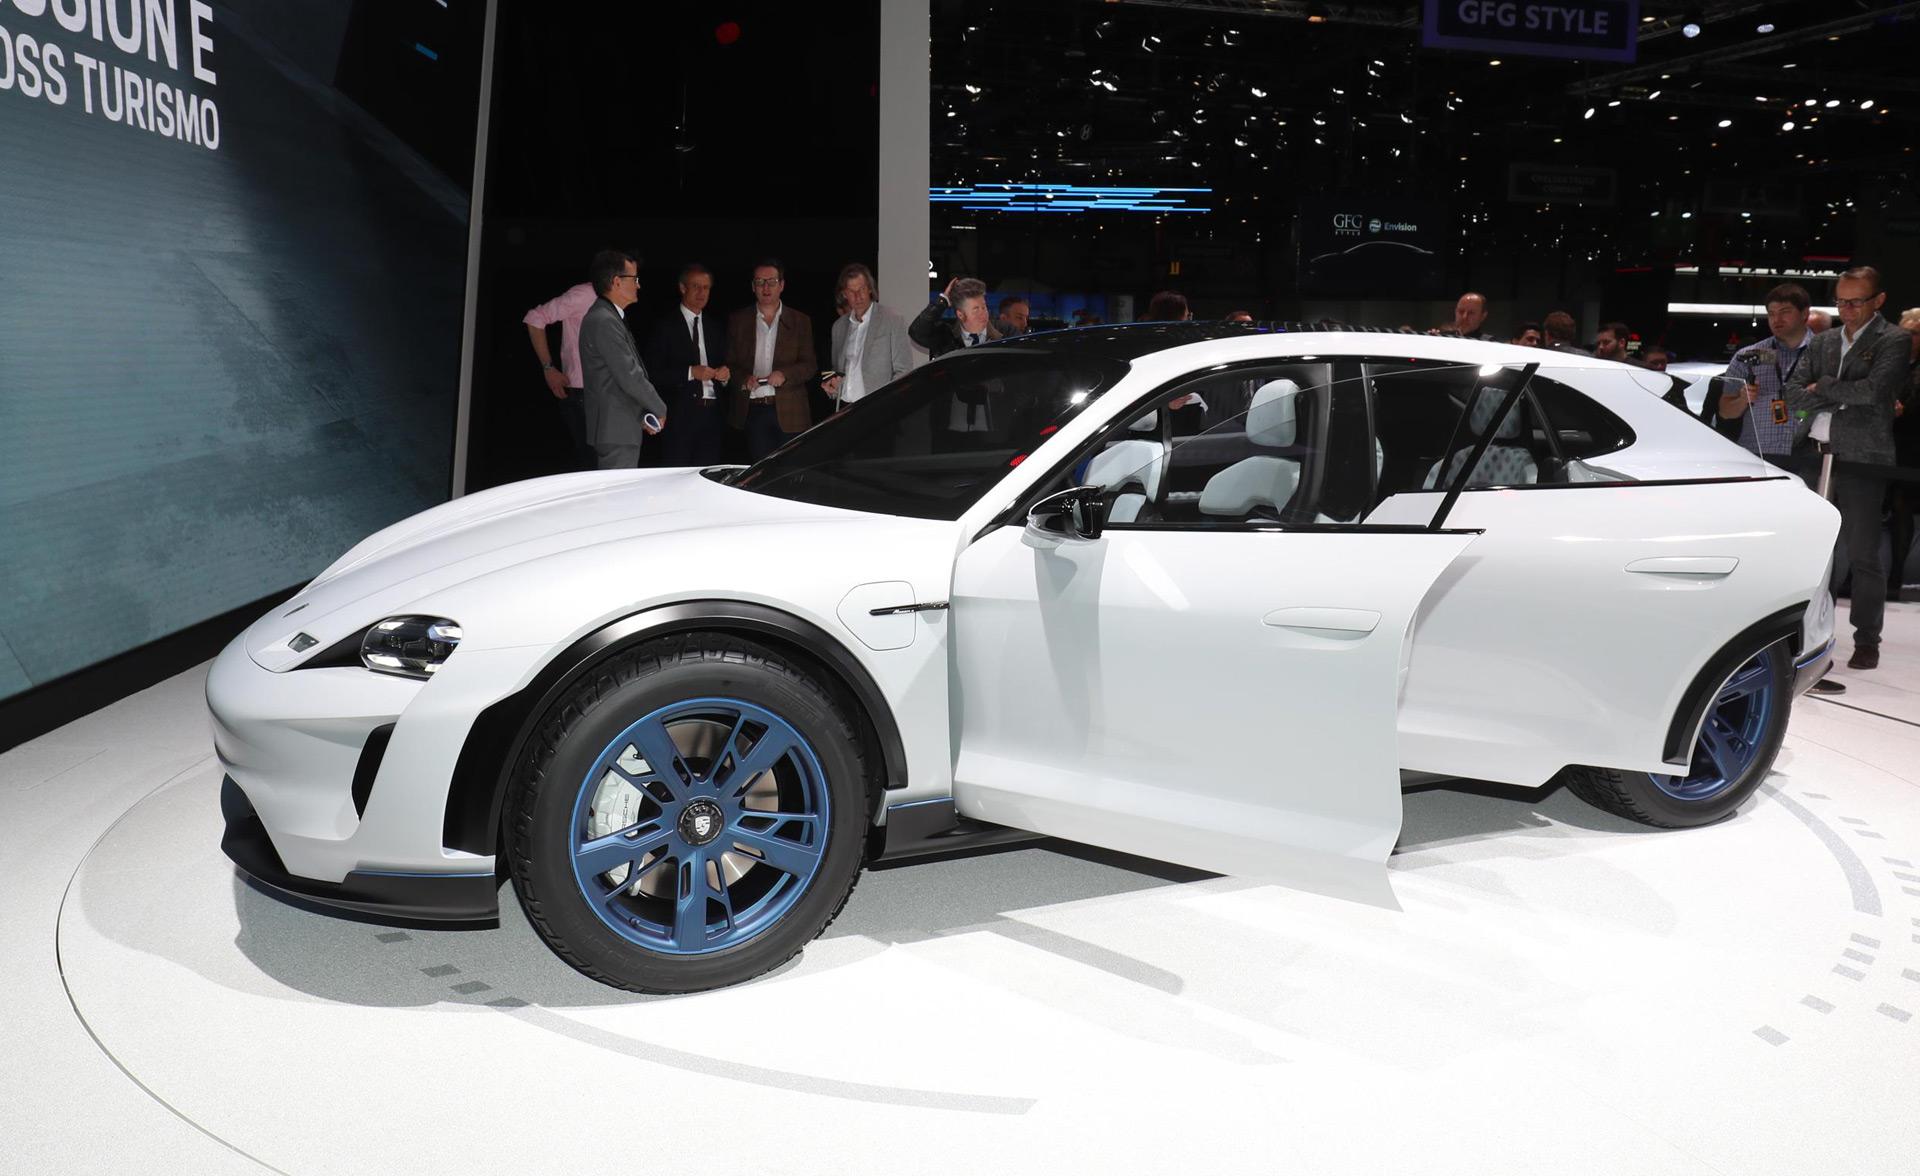 Porsche Rolls Out Mission E Cross Turismo Concept In Geneva